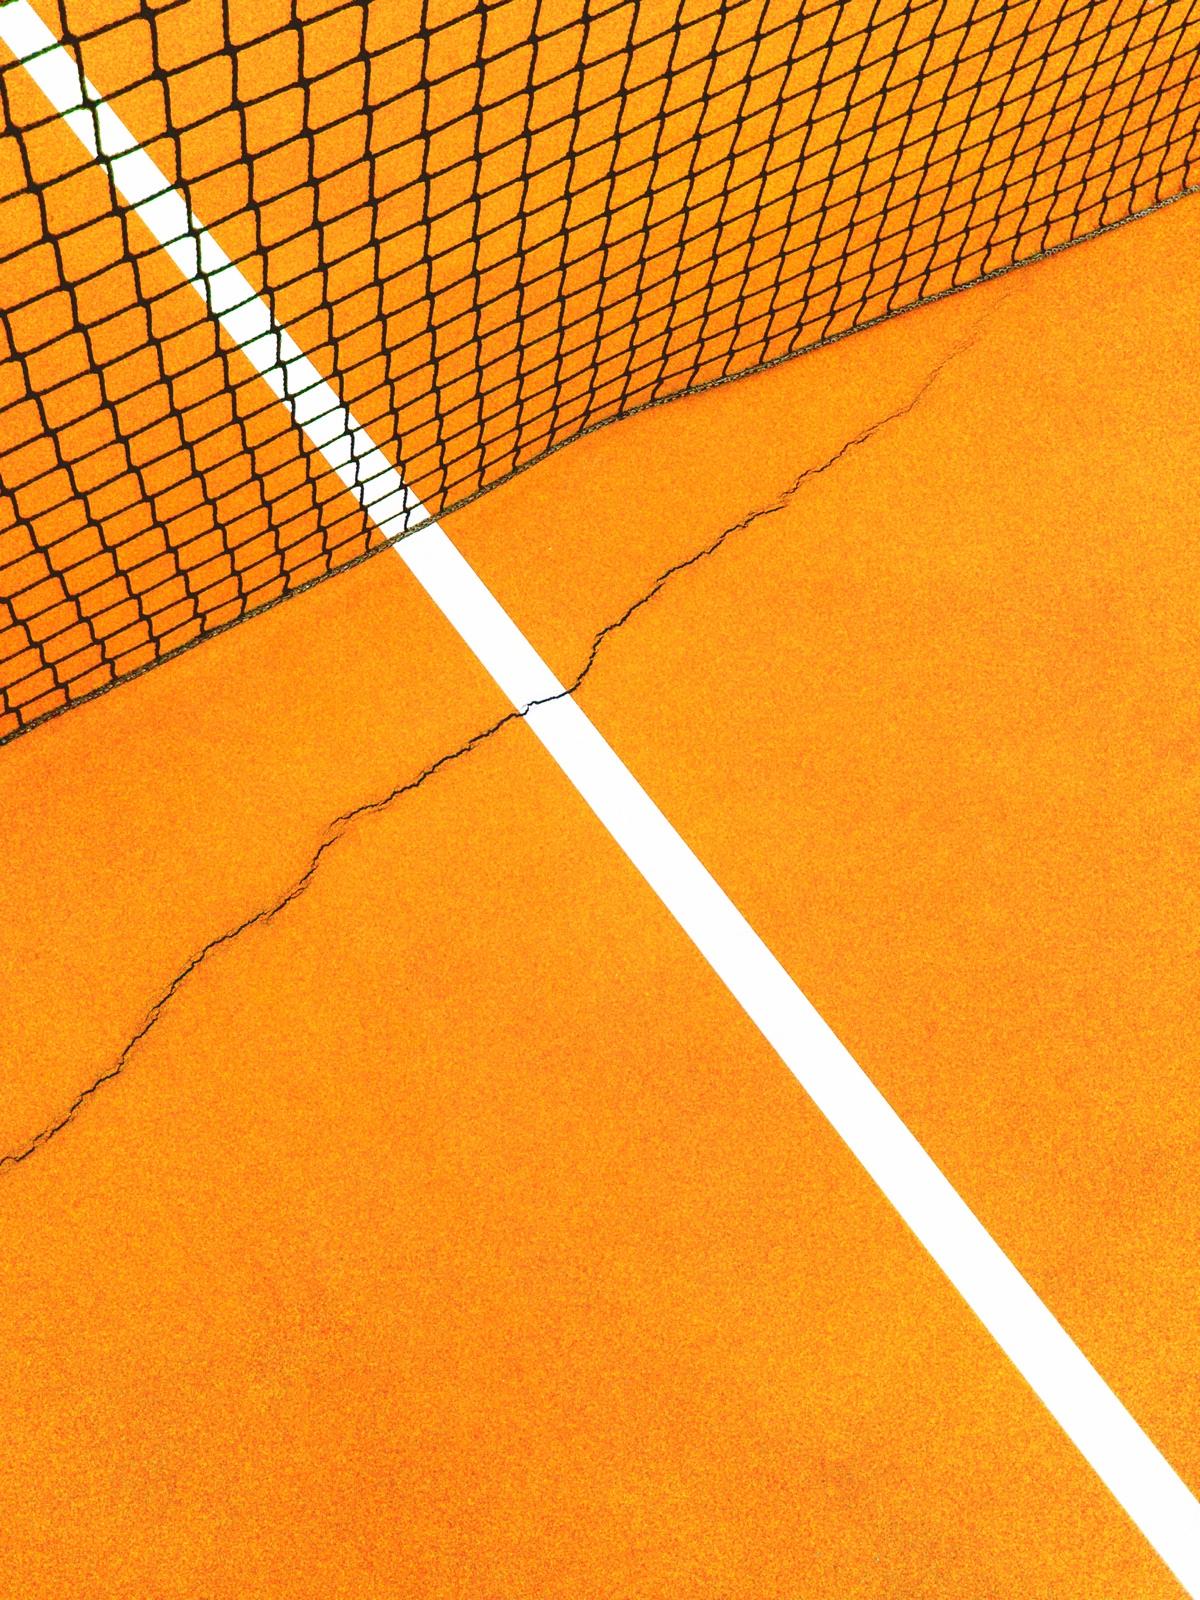 foto van een net van een tennisbaan met de baan eronder liggend waar een scheur in te zien is